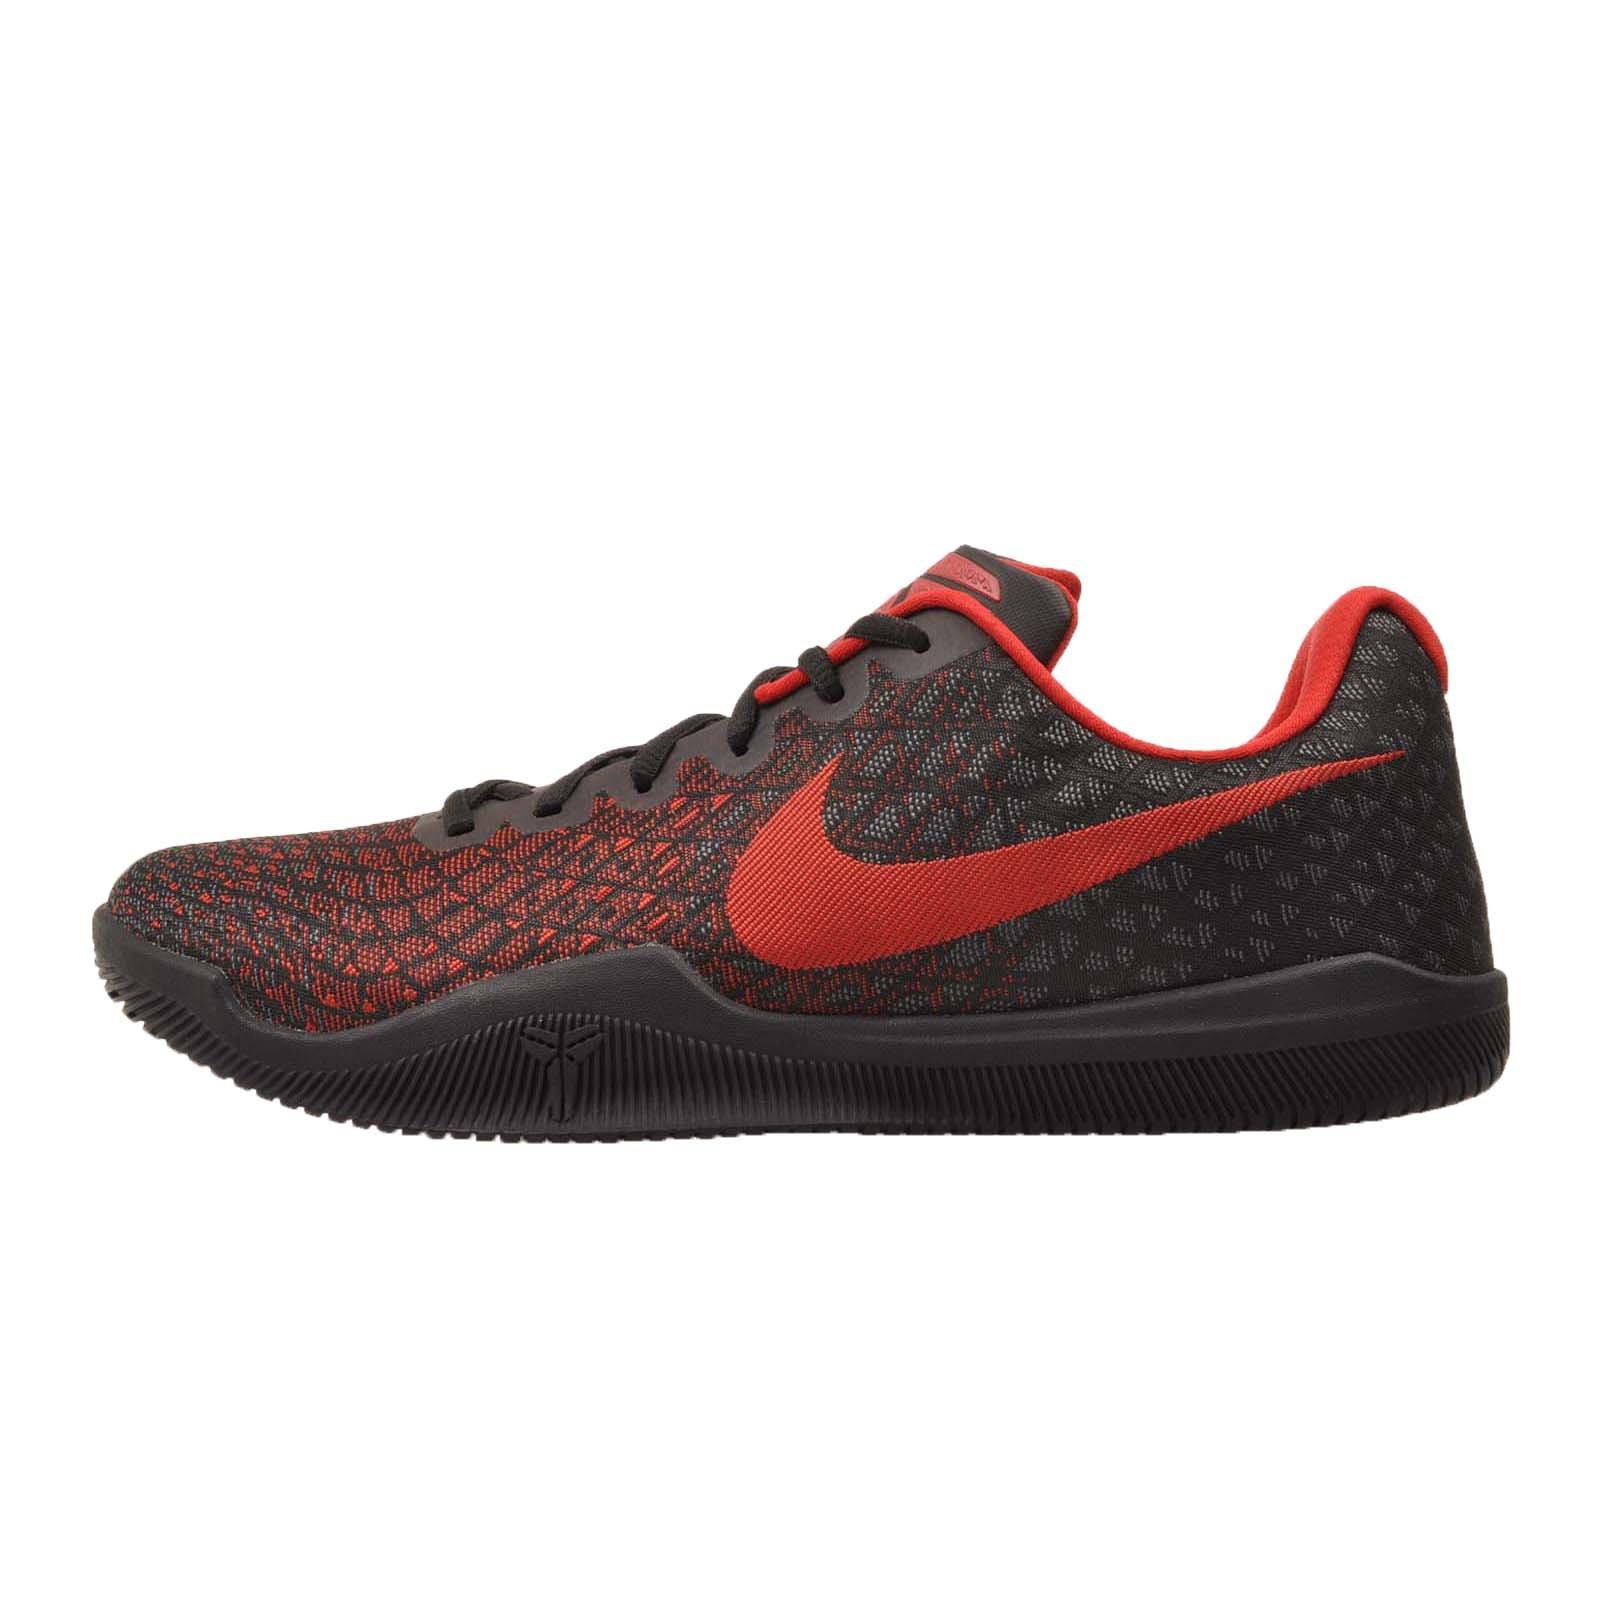 Nike Mens Kobe Mamba Instinct